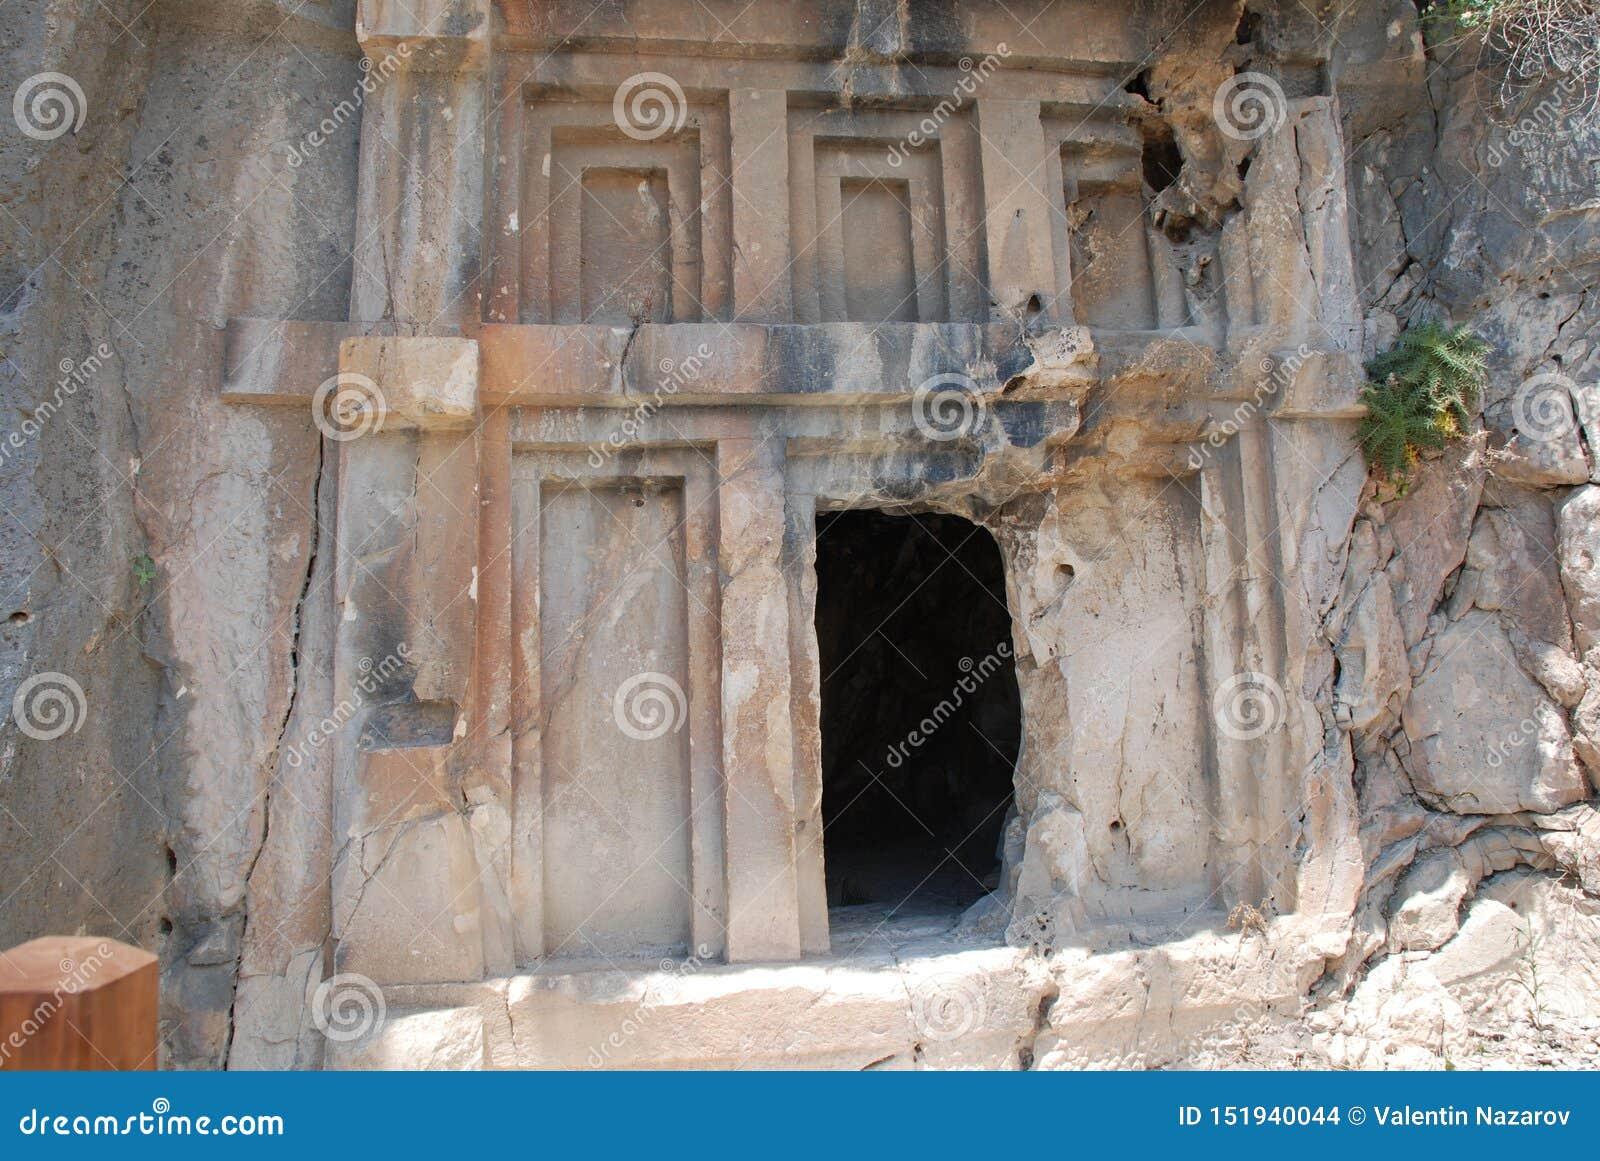 Ciudad antigua tallada en la roca en Turquía cerca de Antalya